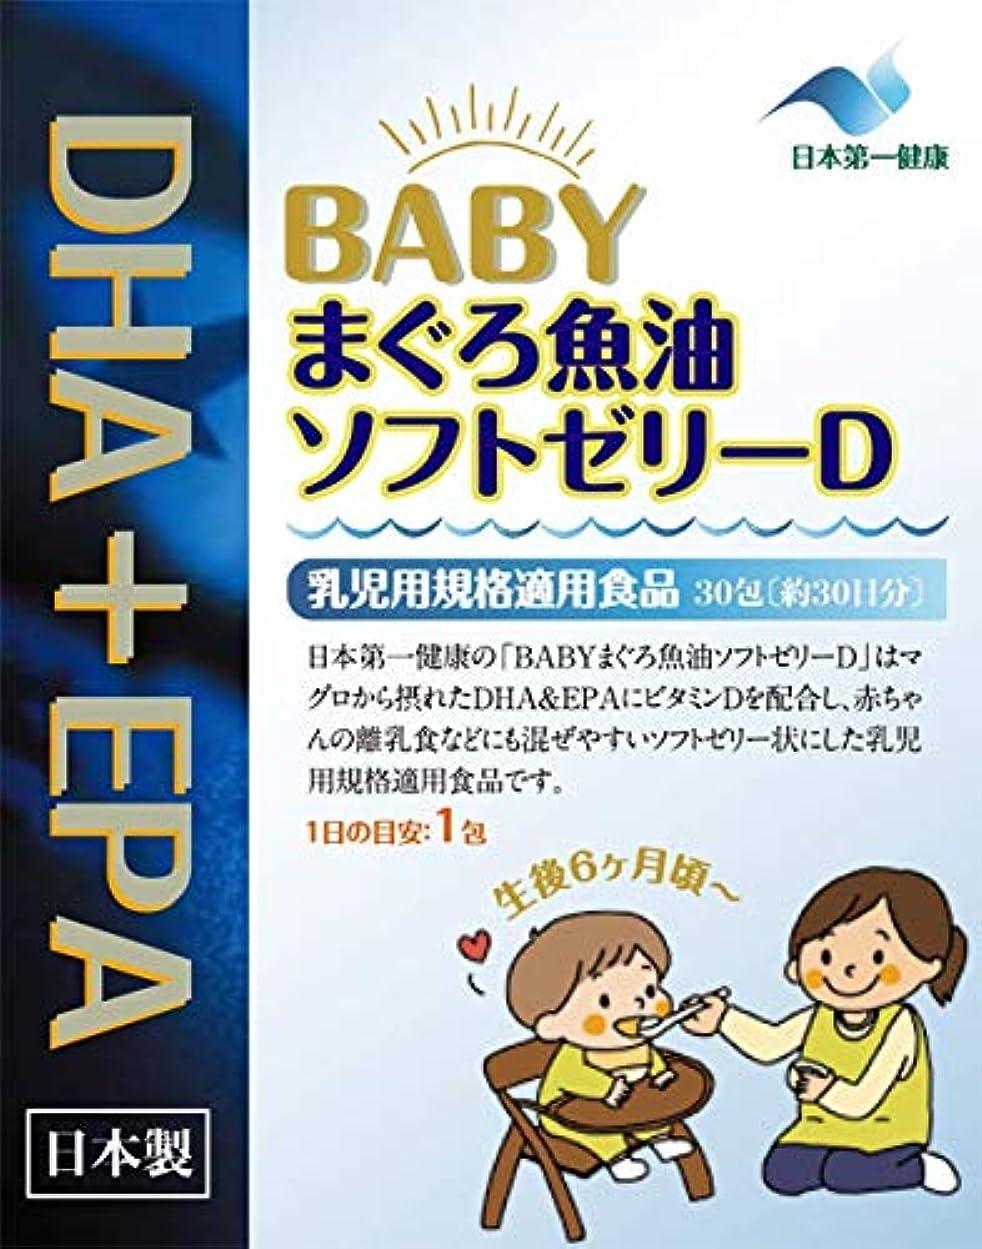 促す魔女薬JHO 日本第一健康 BABYまぐろ魚油ソフトゼリーD 30包入×2個セット 日本製